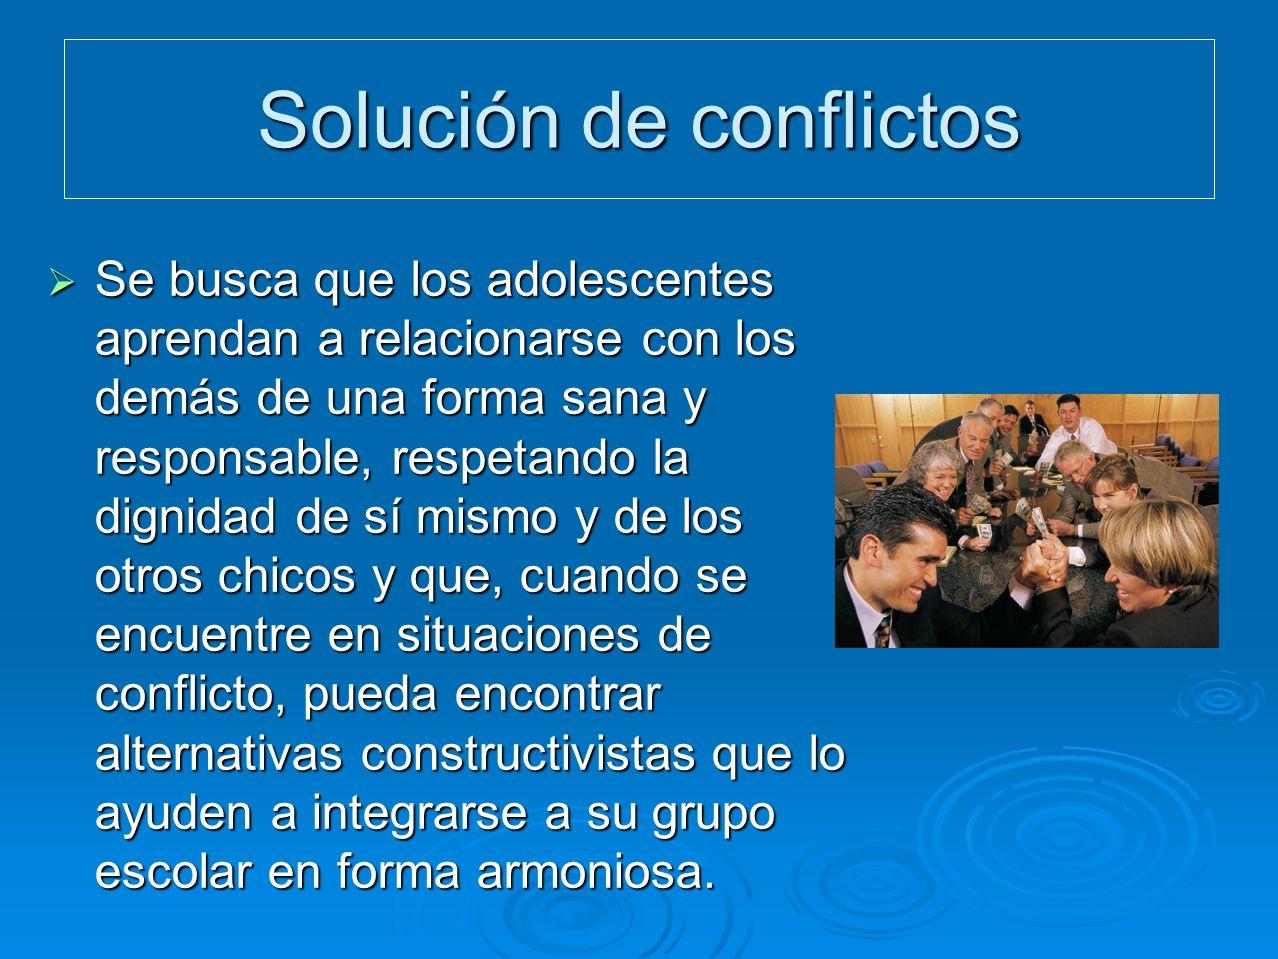 Solución de conflictos Se busca que los adolescentes aprendan a relacionarse con los demás de una forma sana y responsable, respetando la dignidad de